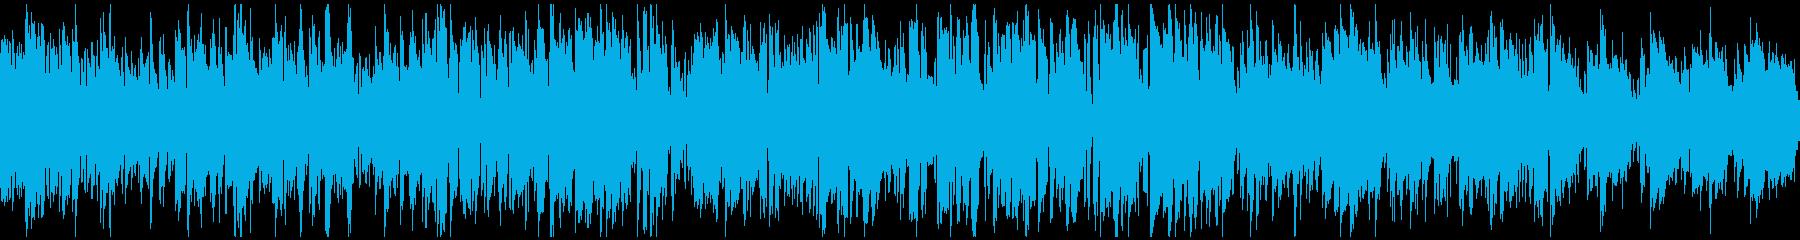 綺麗なメロディの軽快なボサノバ※ループ版の再生済みの波形